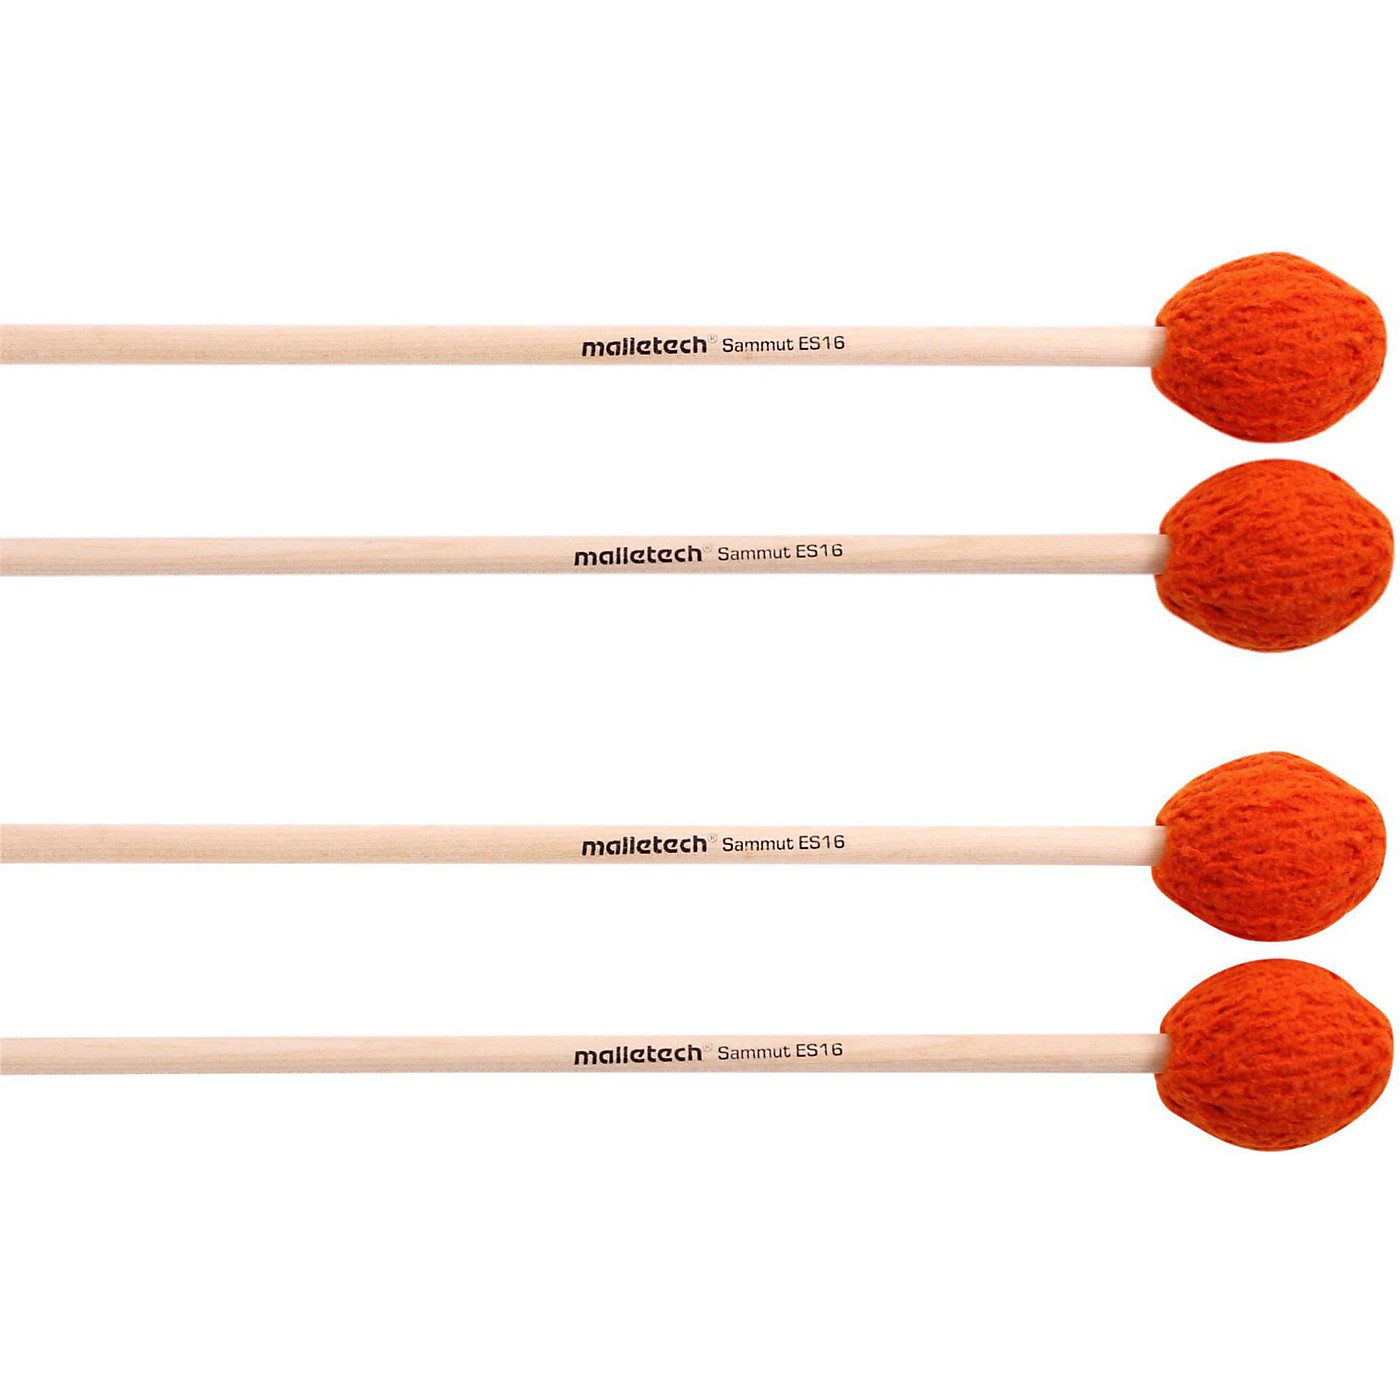 Malletech Sammut Marimba Mallets Set of 4 (2 Matched Pairs) thumbnail